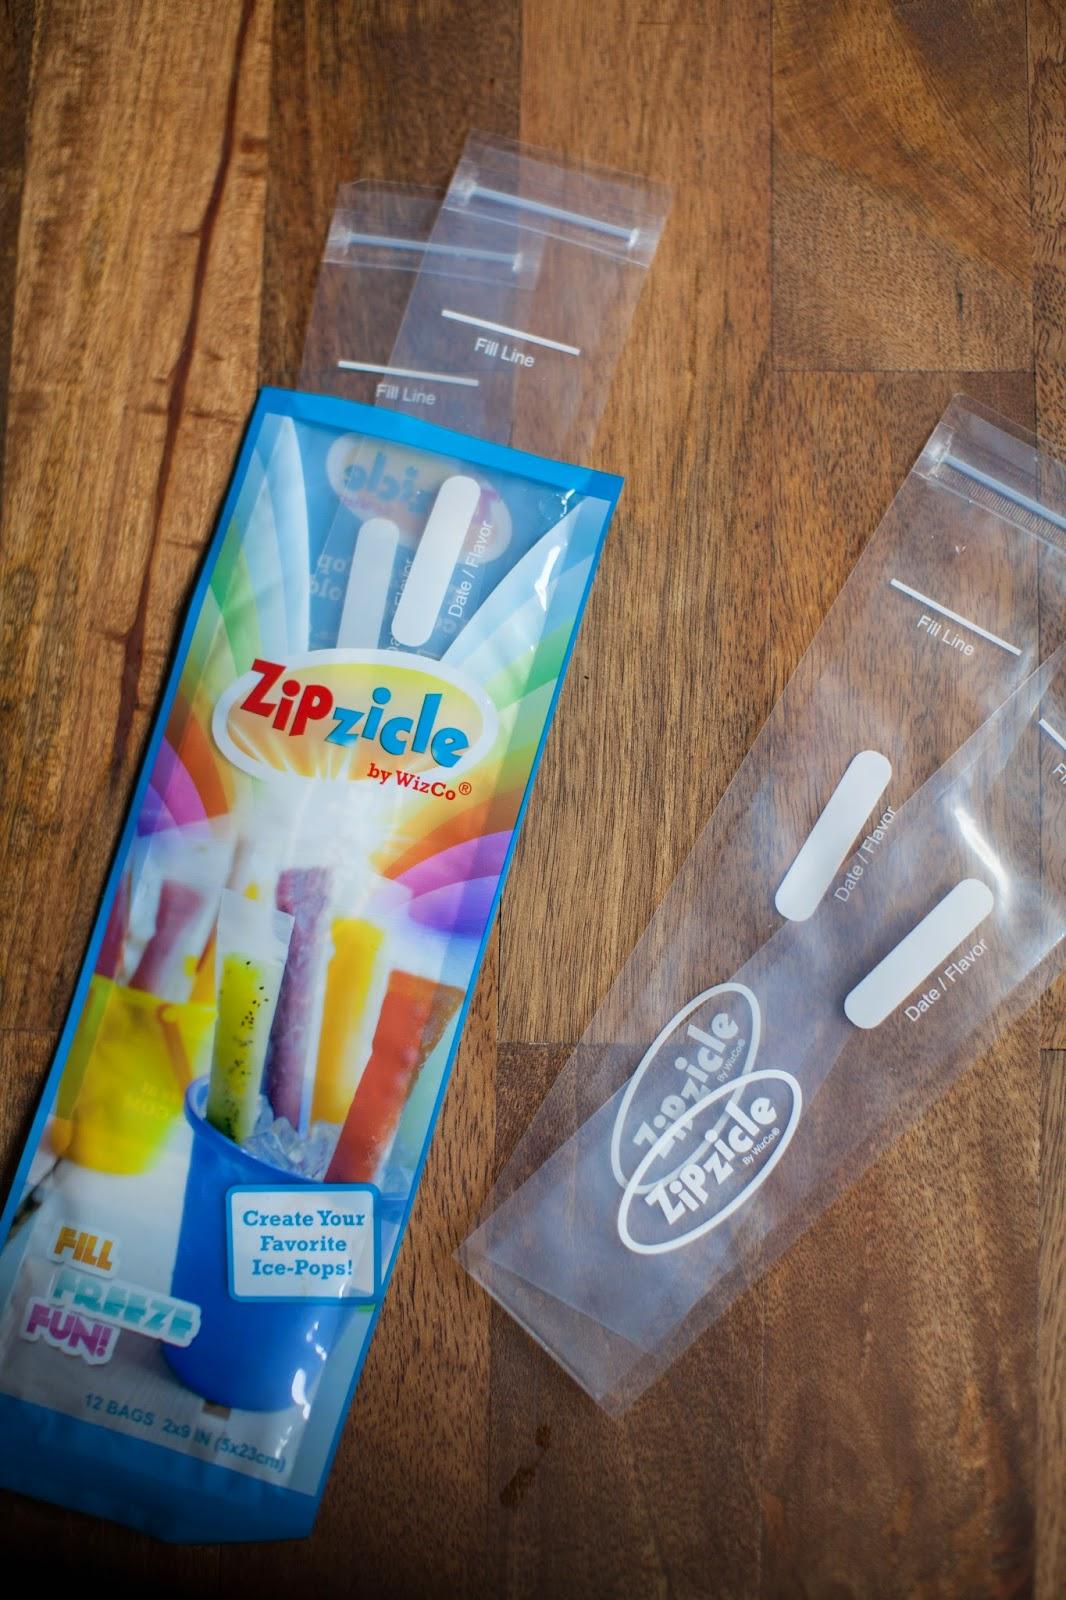 Zipzicle Ice-Pop Pouches